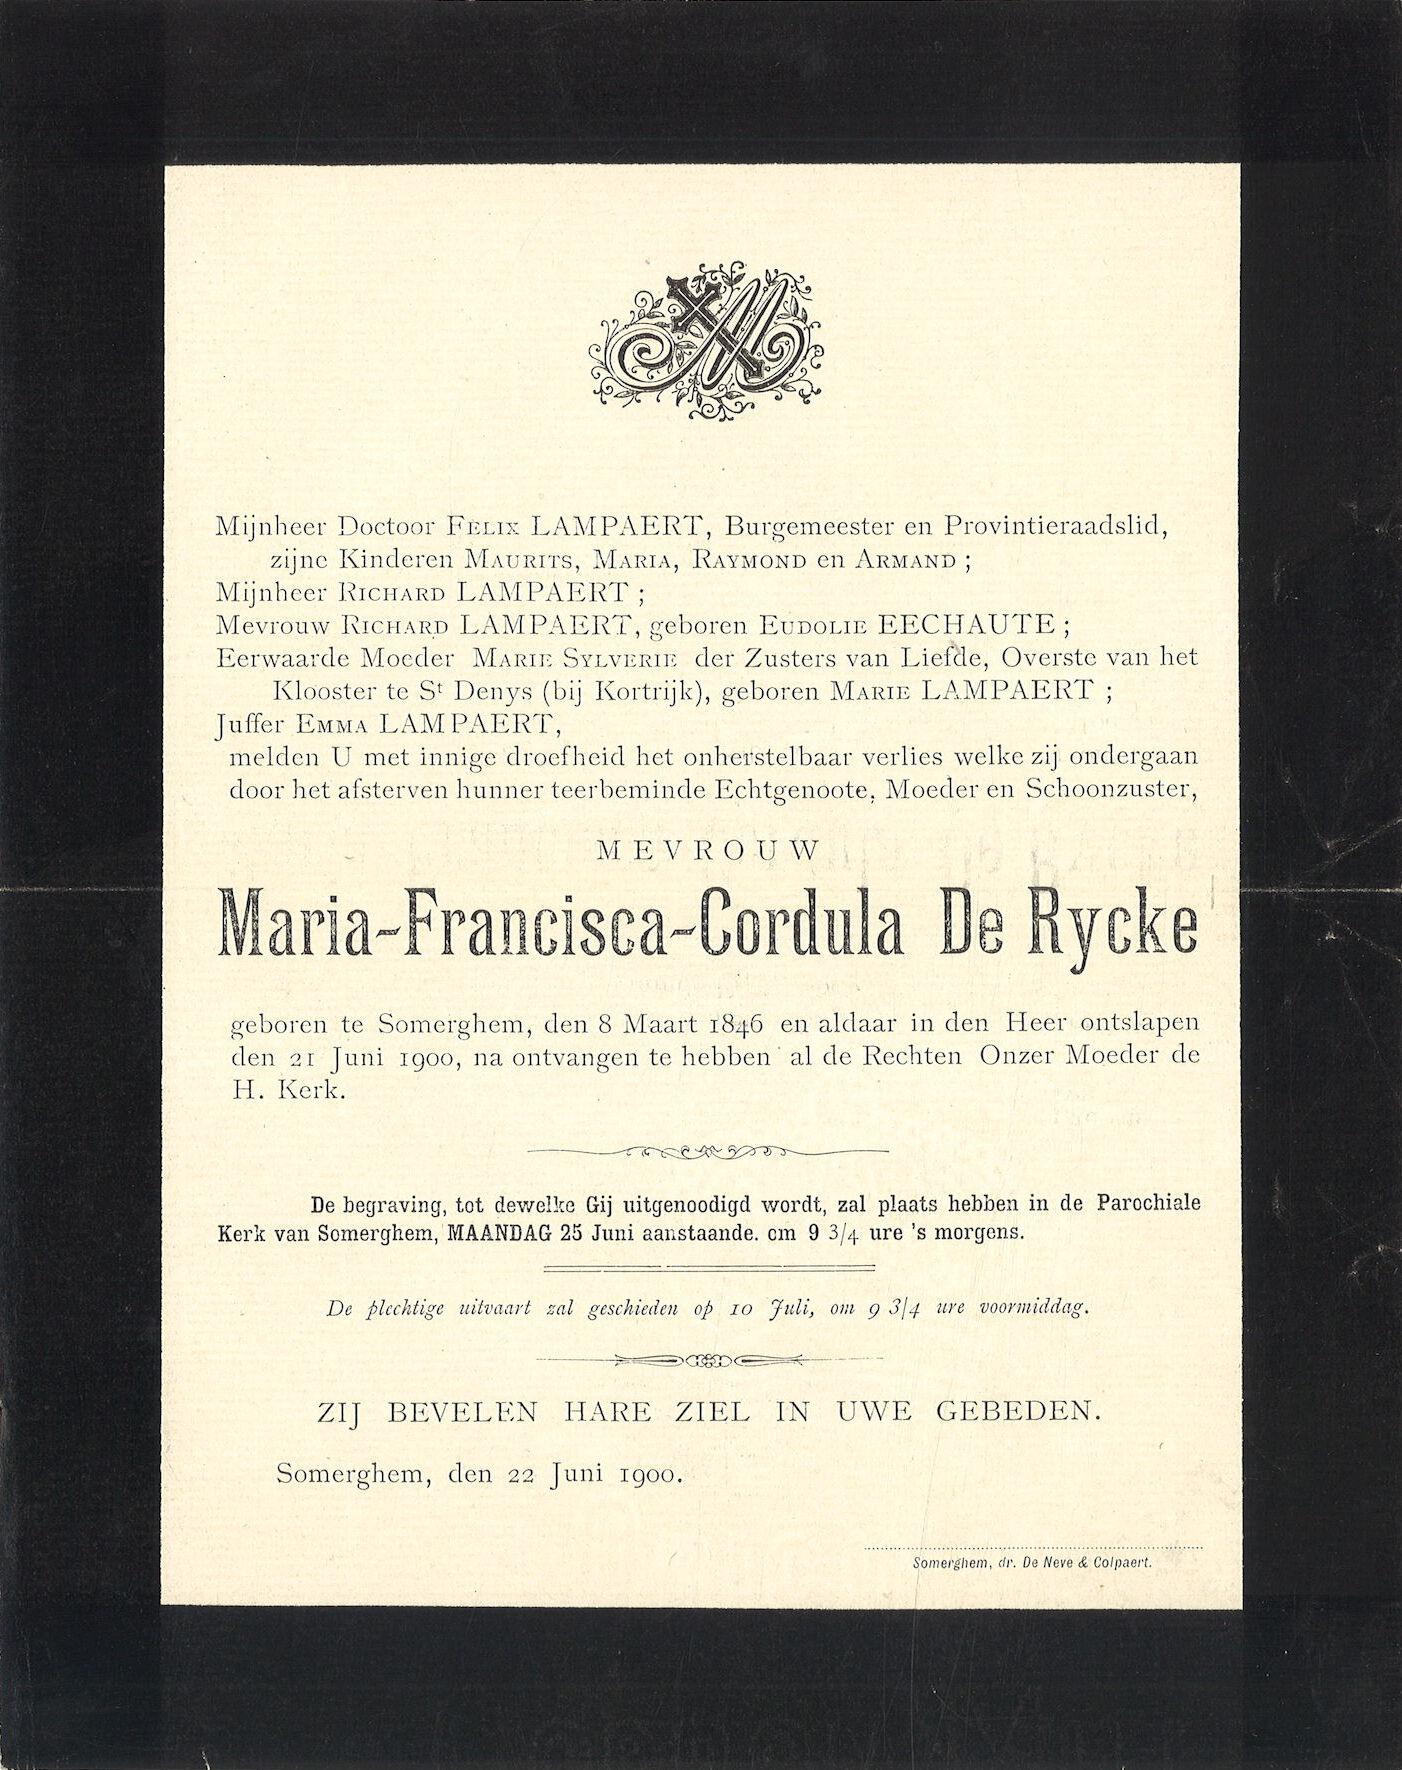 Maria-Francisca-Cordula De Rycke